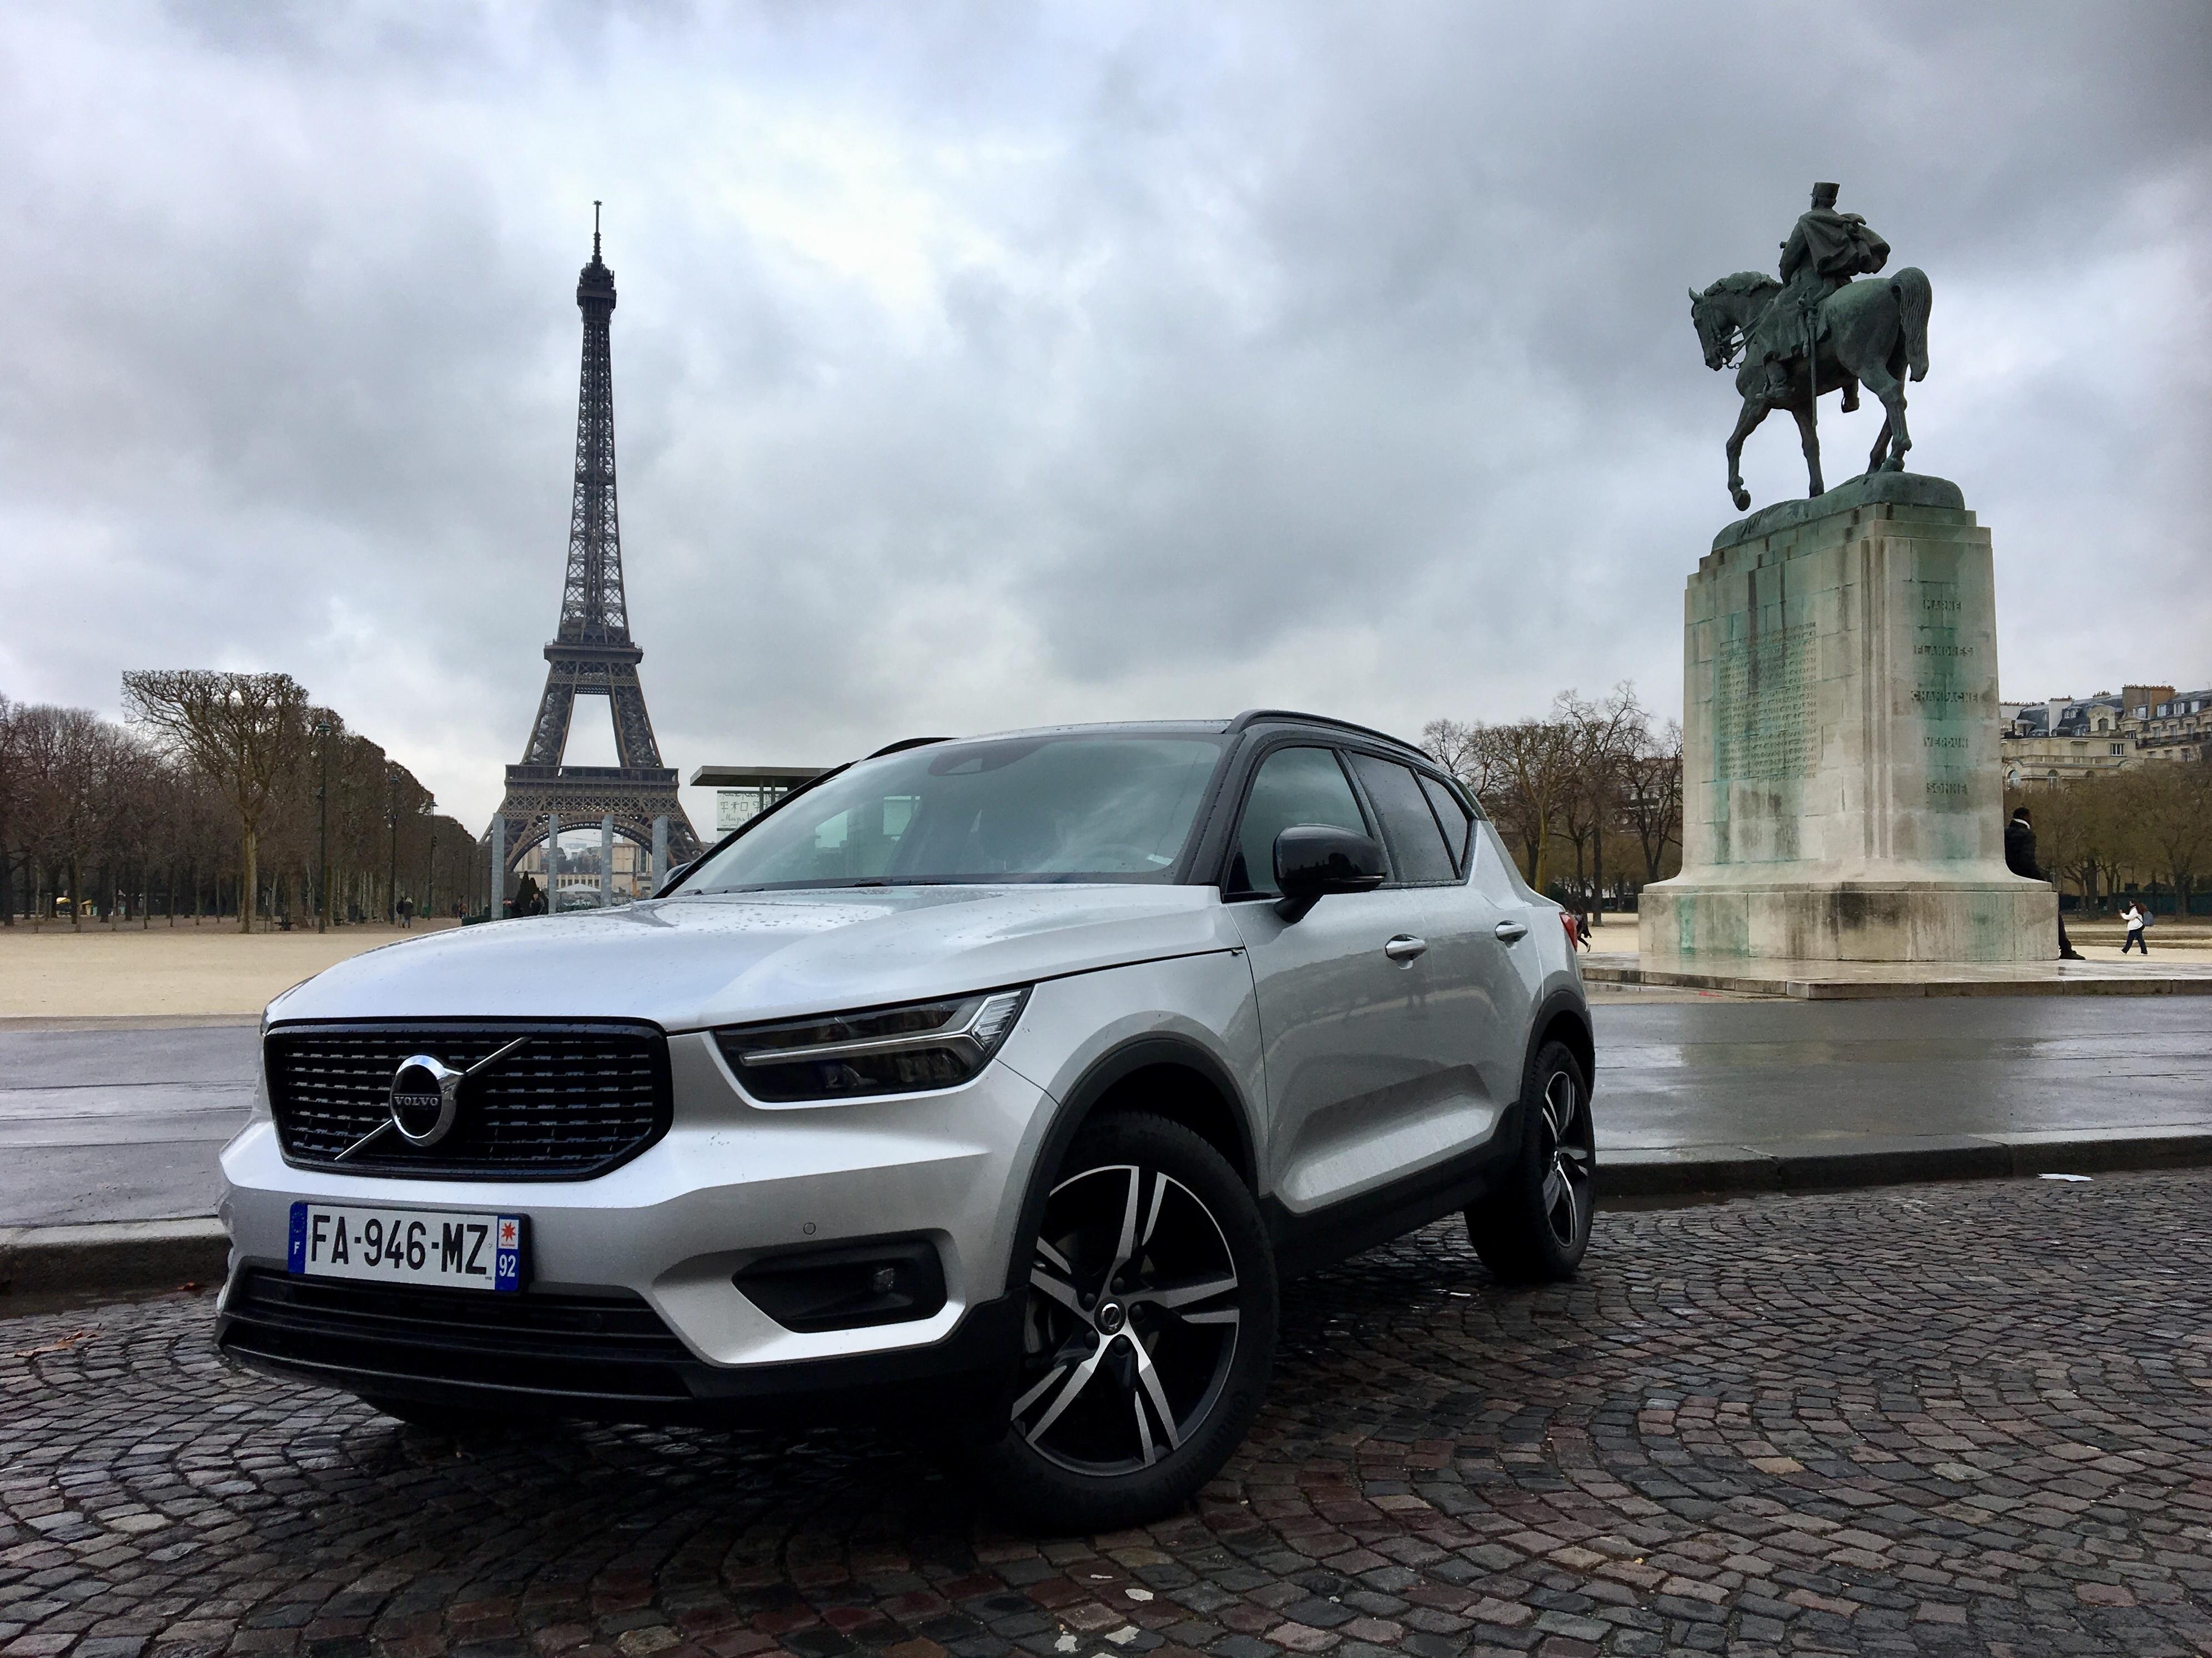 Essai Volvo Xc40 >> Essai Volvo Xc40 T3 Que Vaut Le Moins Cher Des Xc40